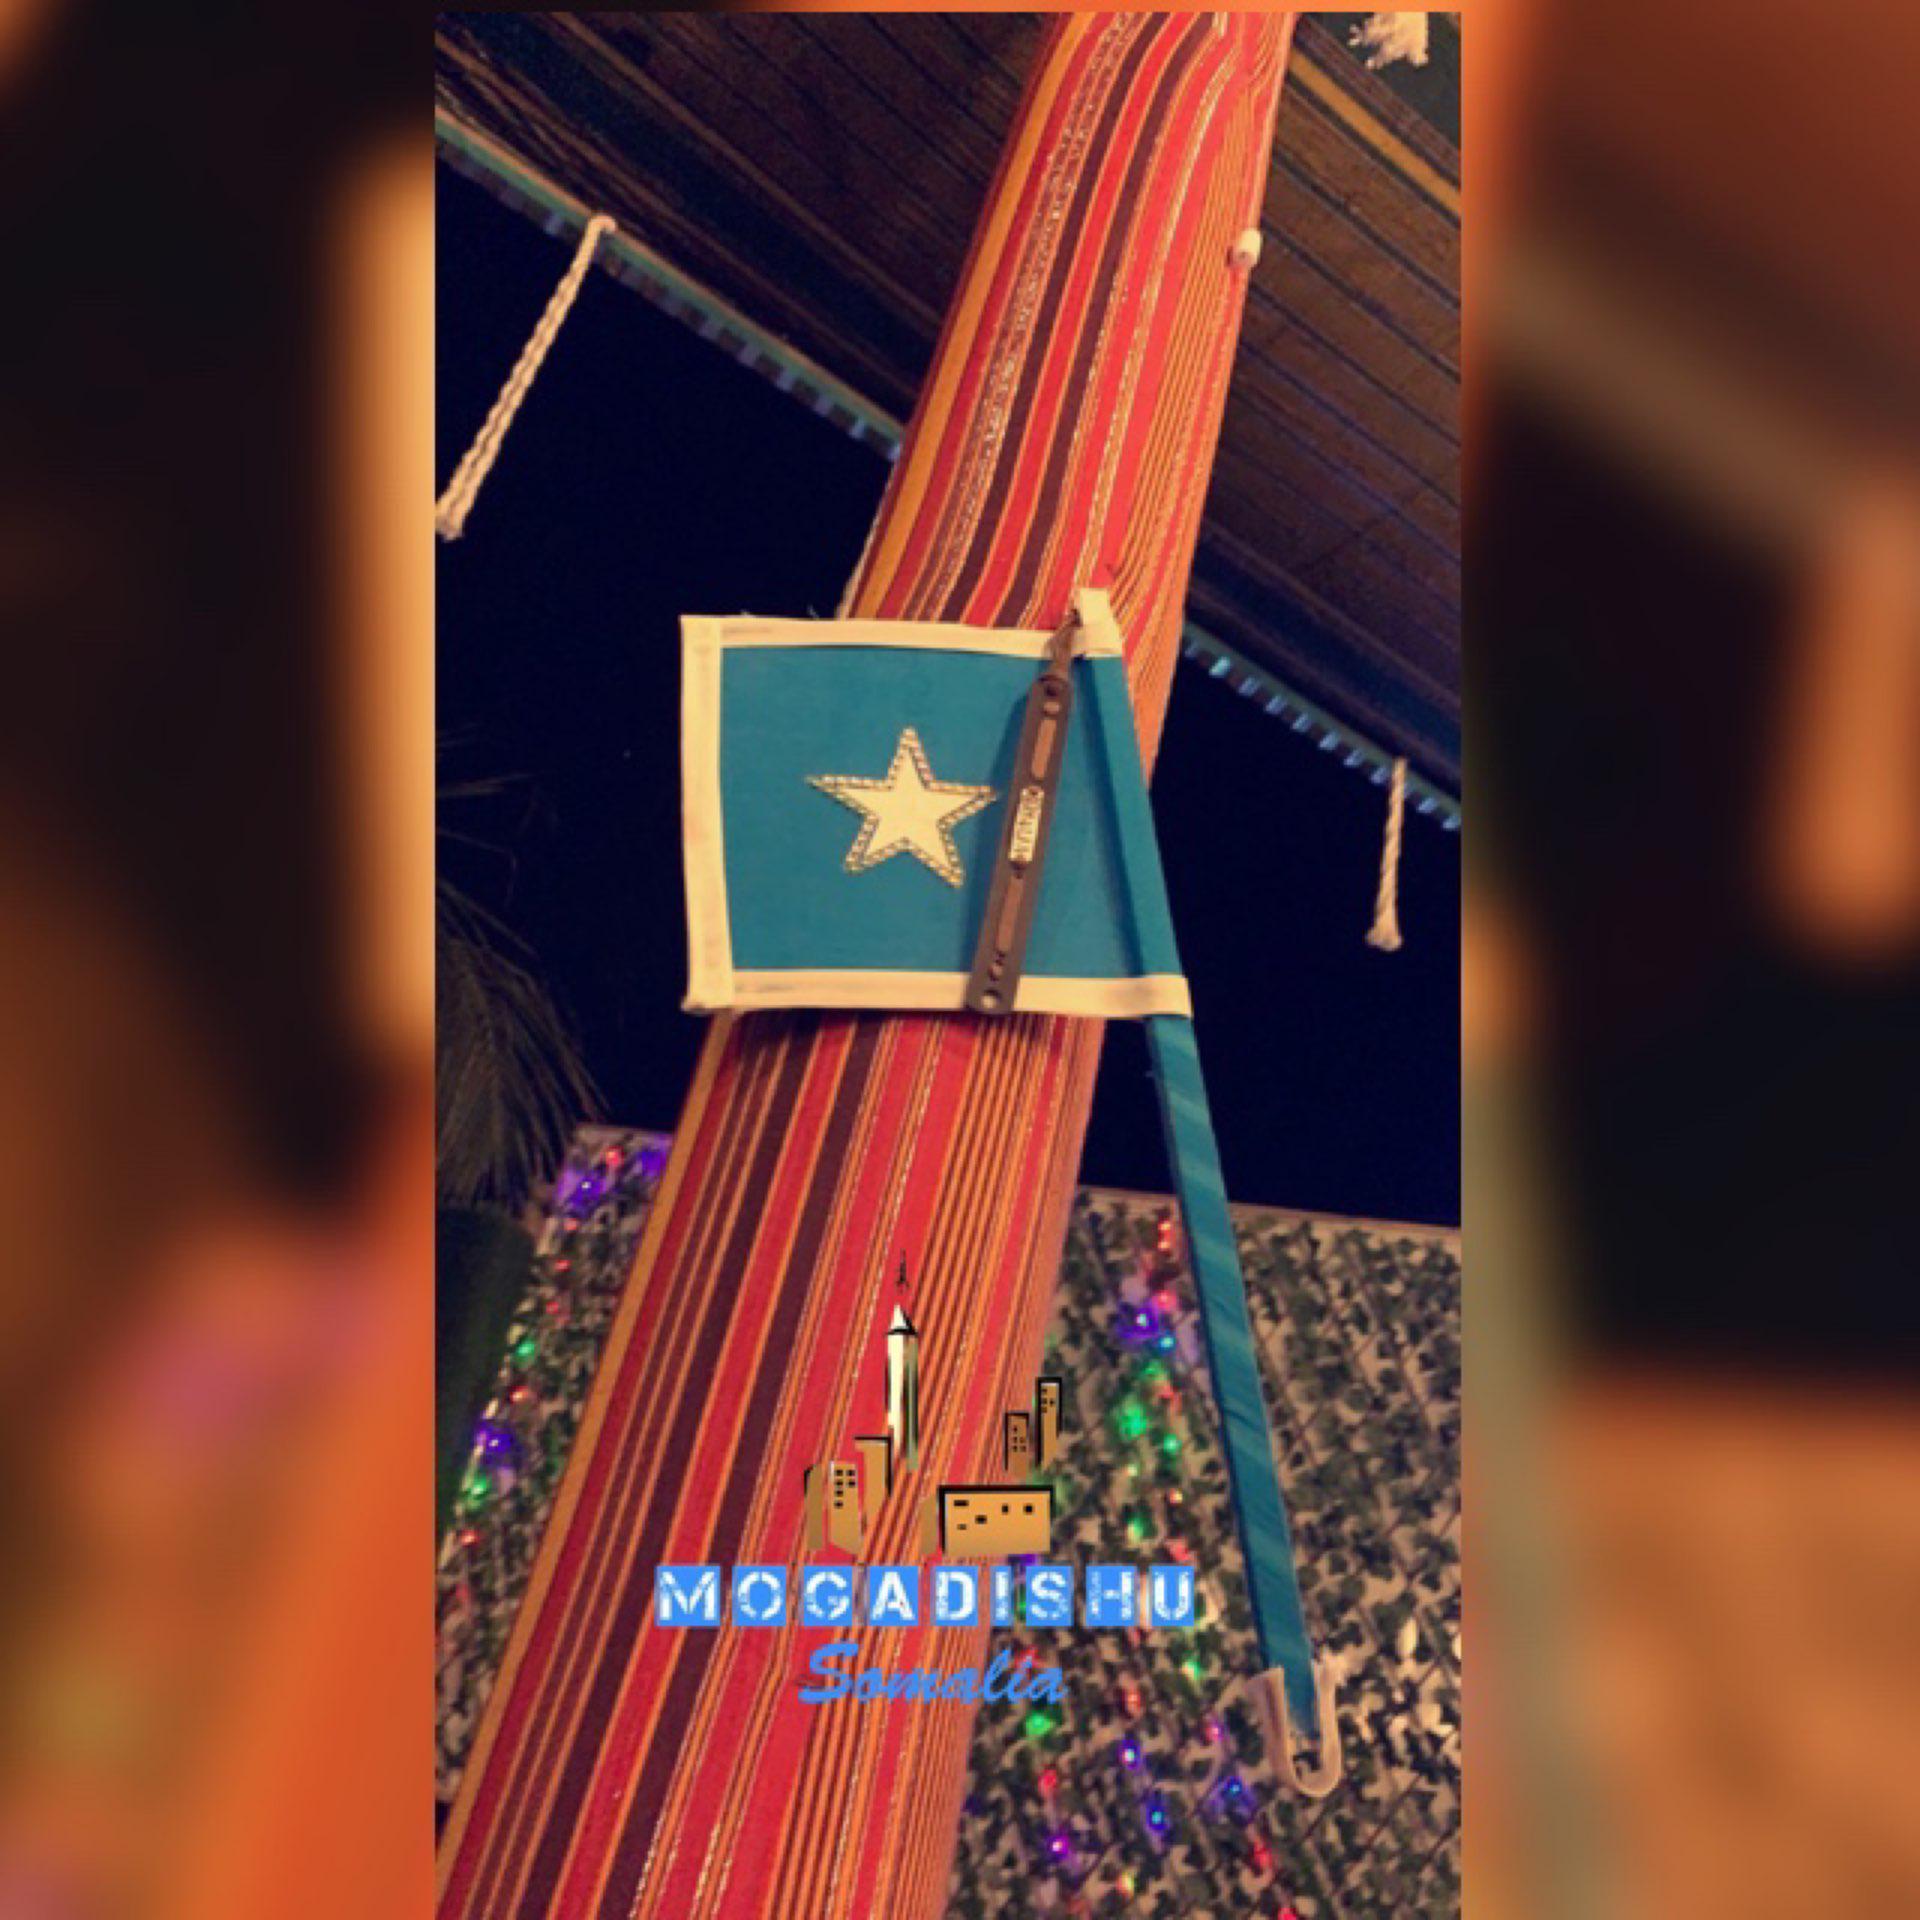 Boqorada Shanta Somaliyed Clubhouse